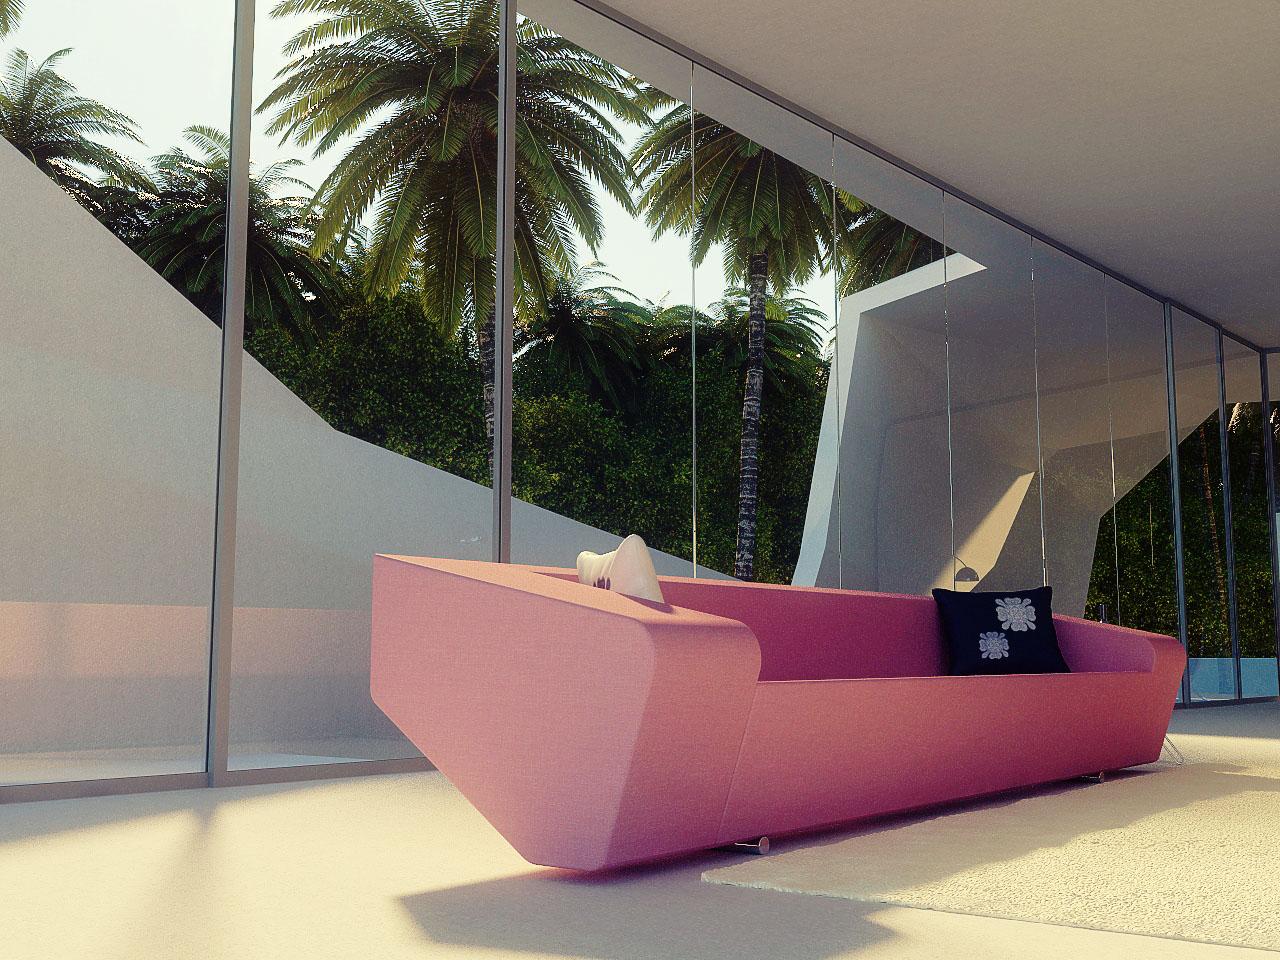 Summer House Ideas Interior >> Wave House by Gunes Peksen | Architecture & Design